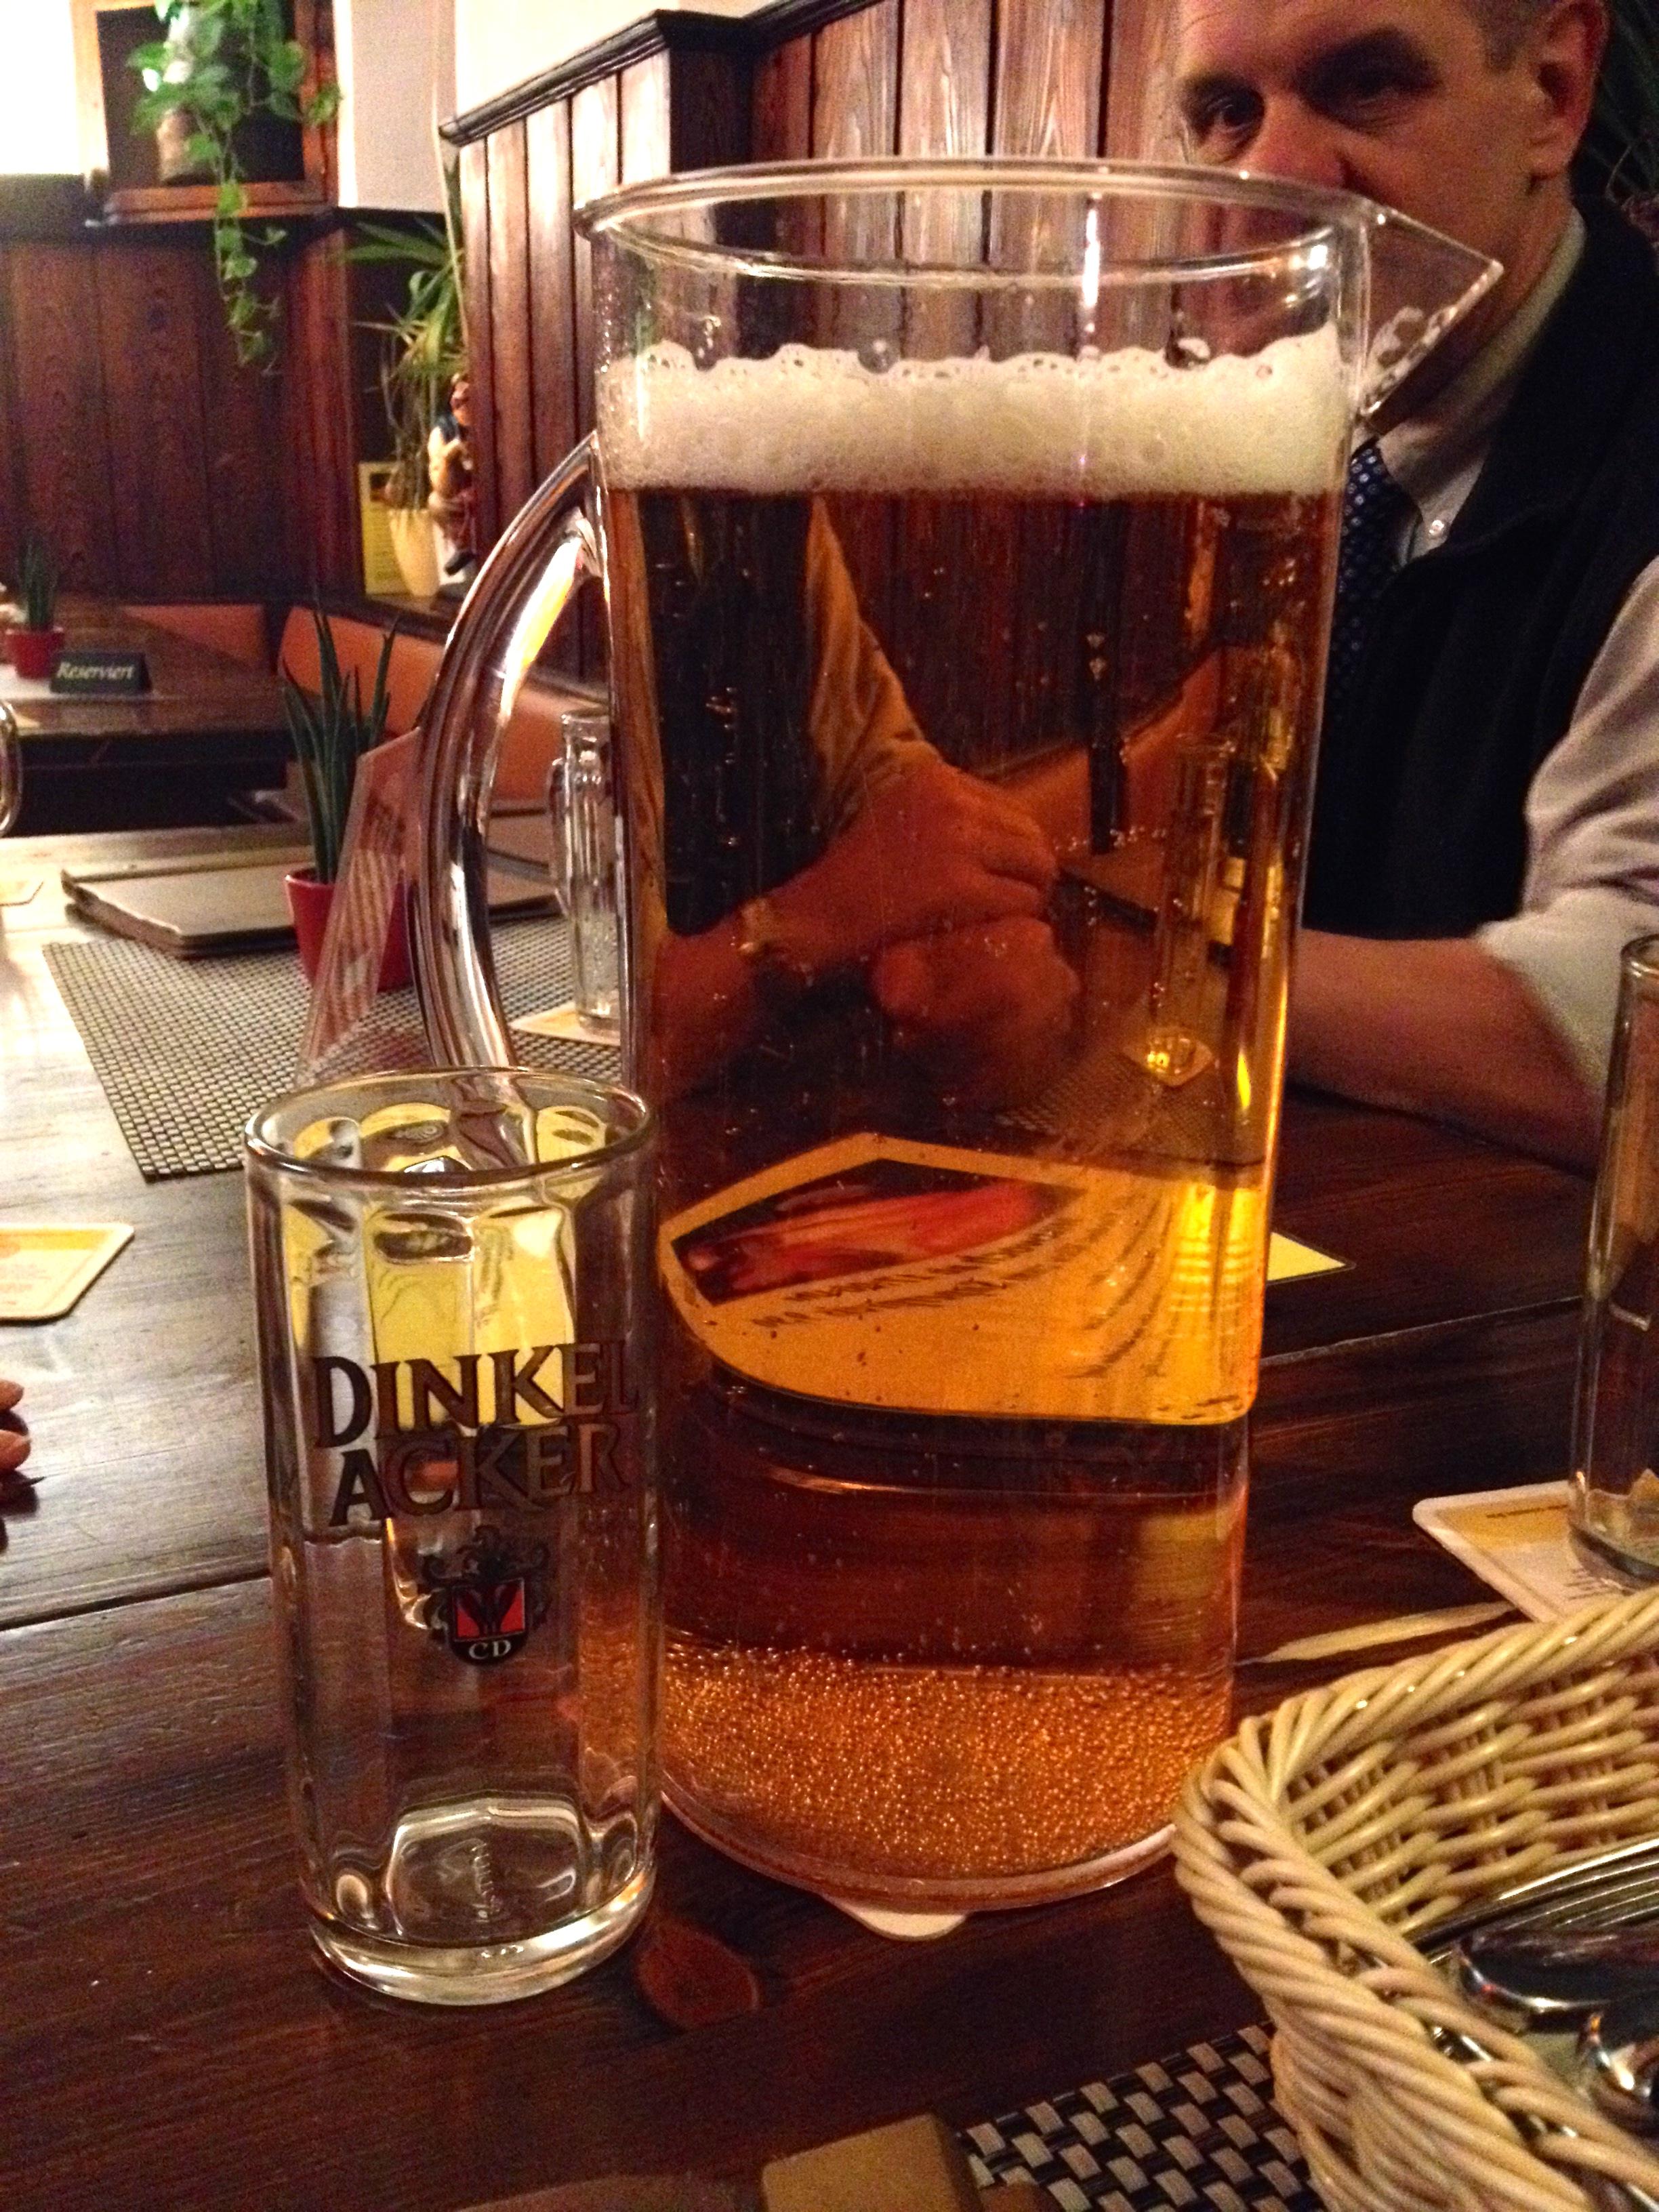 A pitcher of Dinkelacker beer